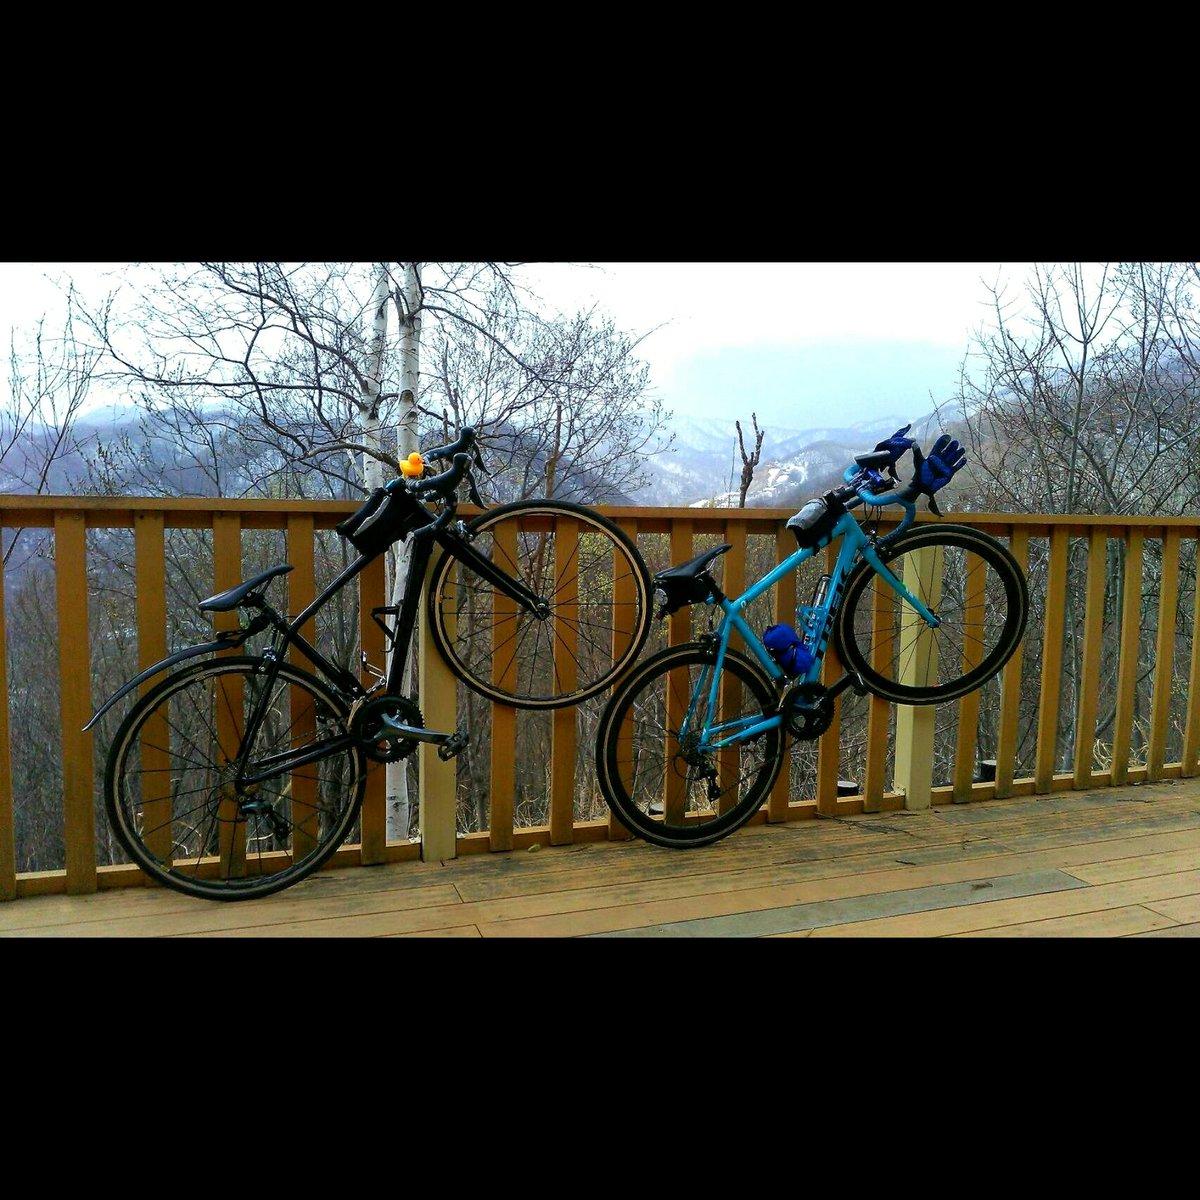 #ロードバイク #TREK #夫婦 小別沢トンネルと五天山〜小林峠と平福は寒さと雪を警戒して断念。寒くてビビった笑。そしてこれから美味しい唐揚げタイムだ!